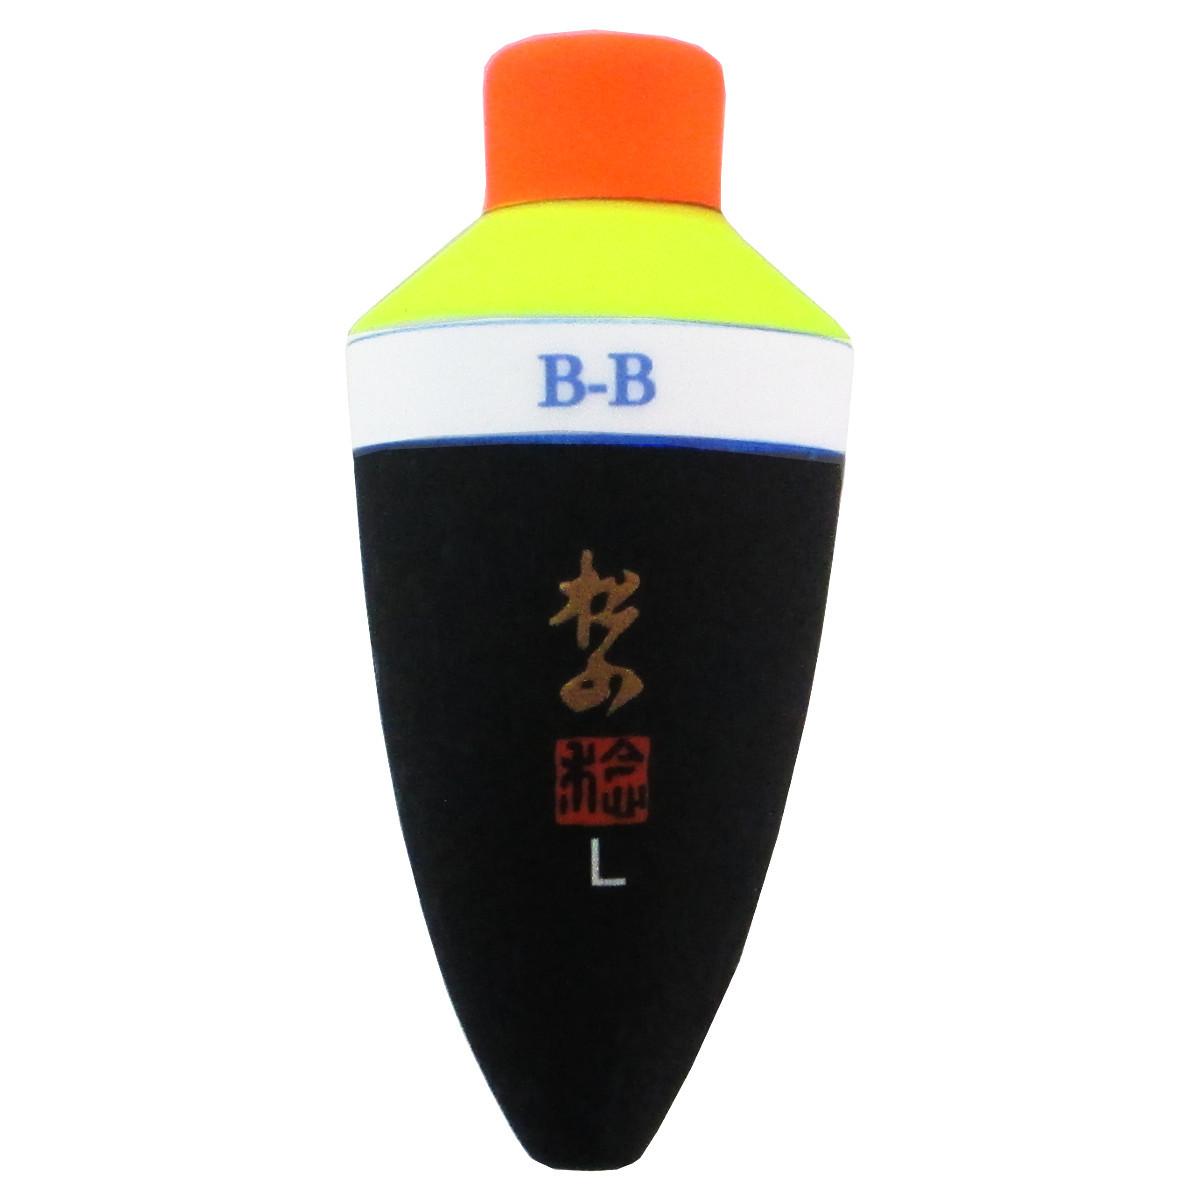 サンライン 松山 匠 L B-B イエローグリーン(東日本店)